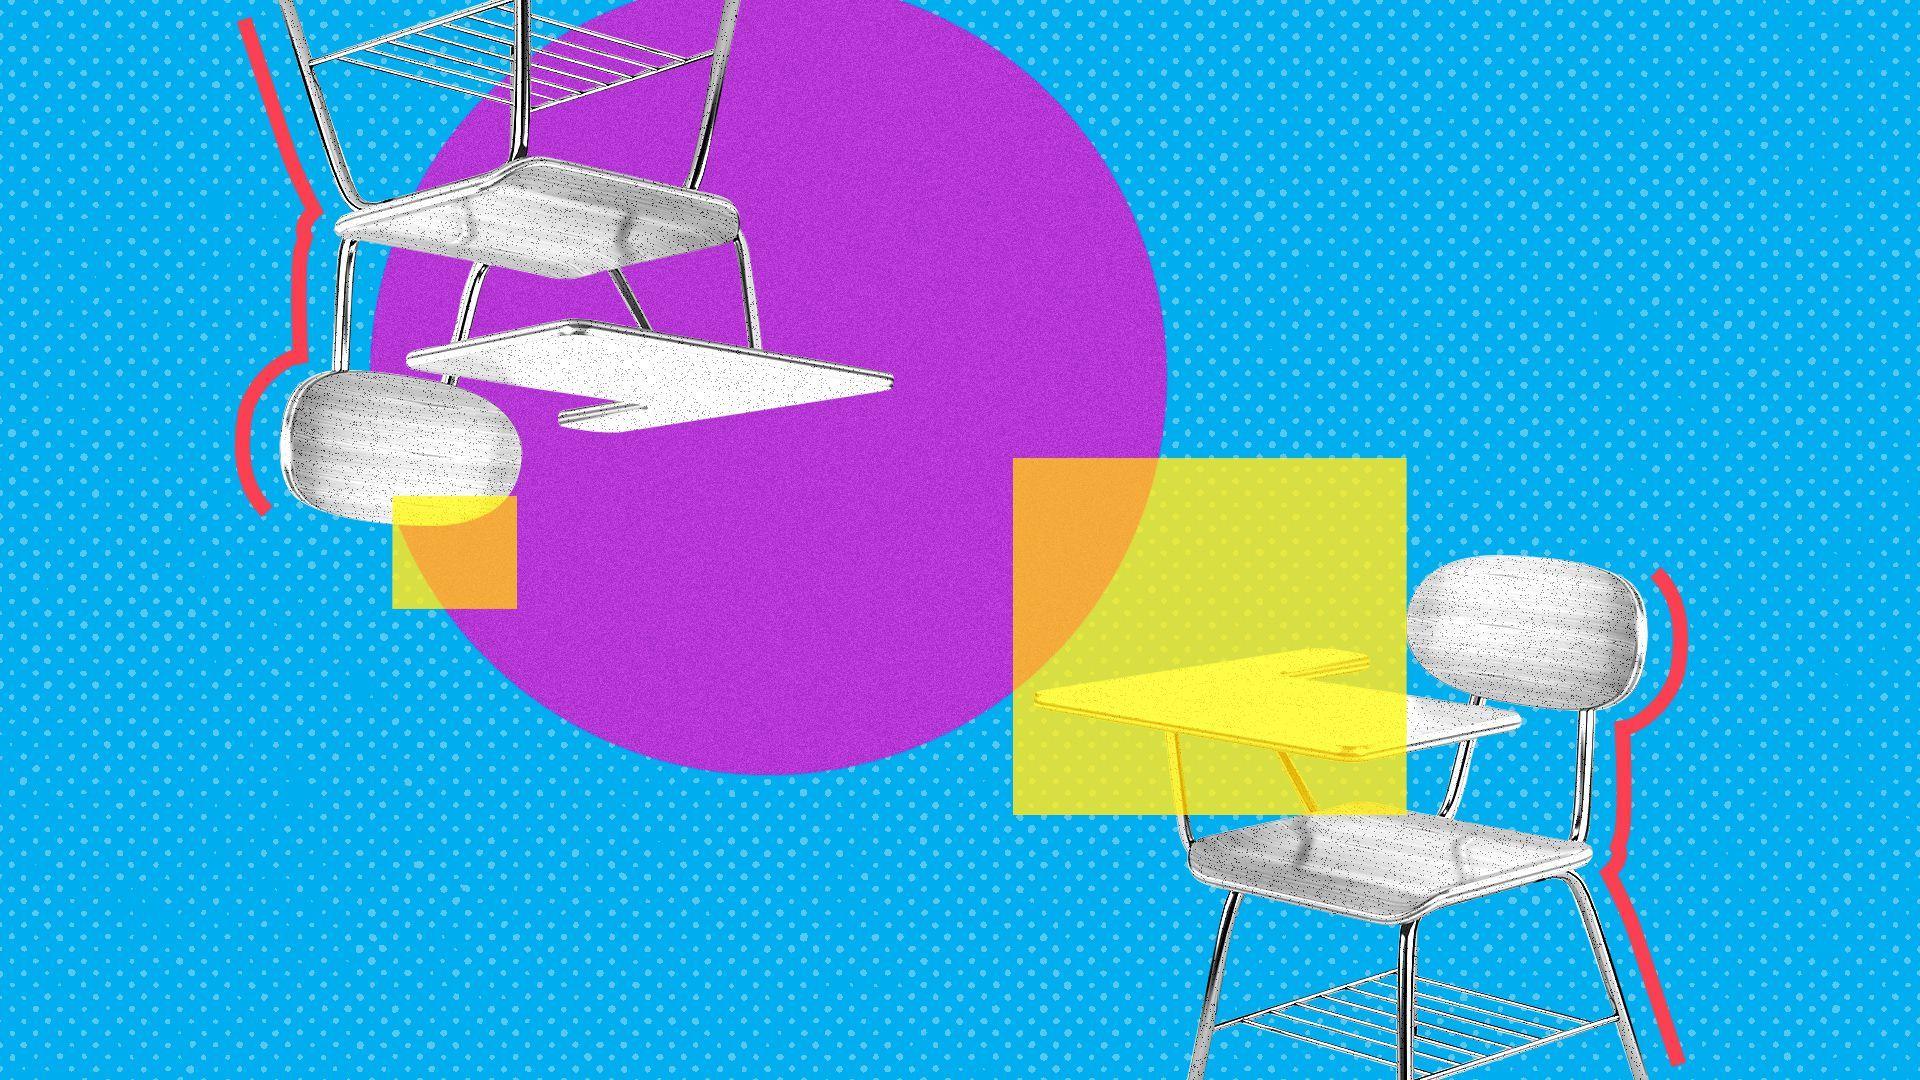 两张桌子的形状都是圆形的。